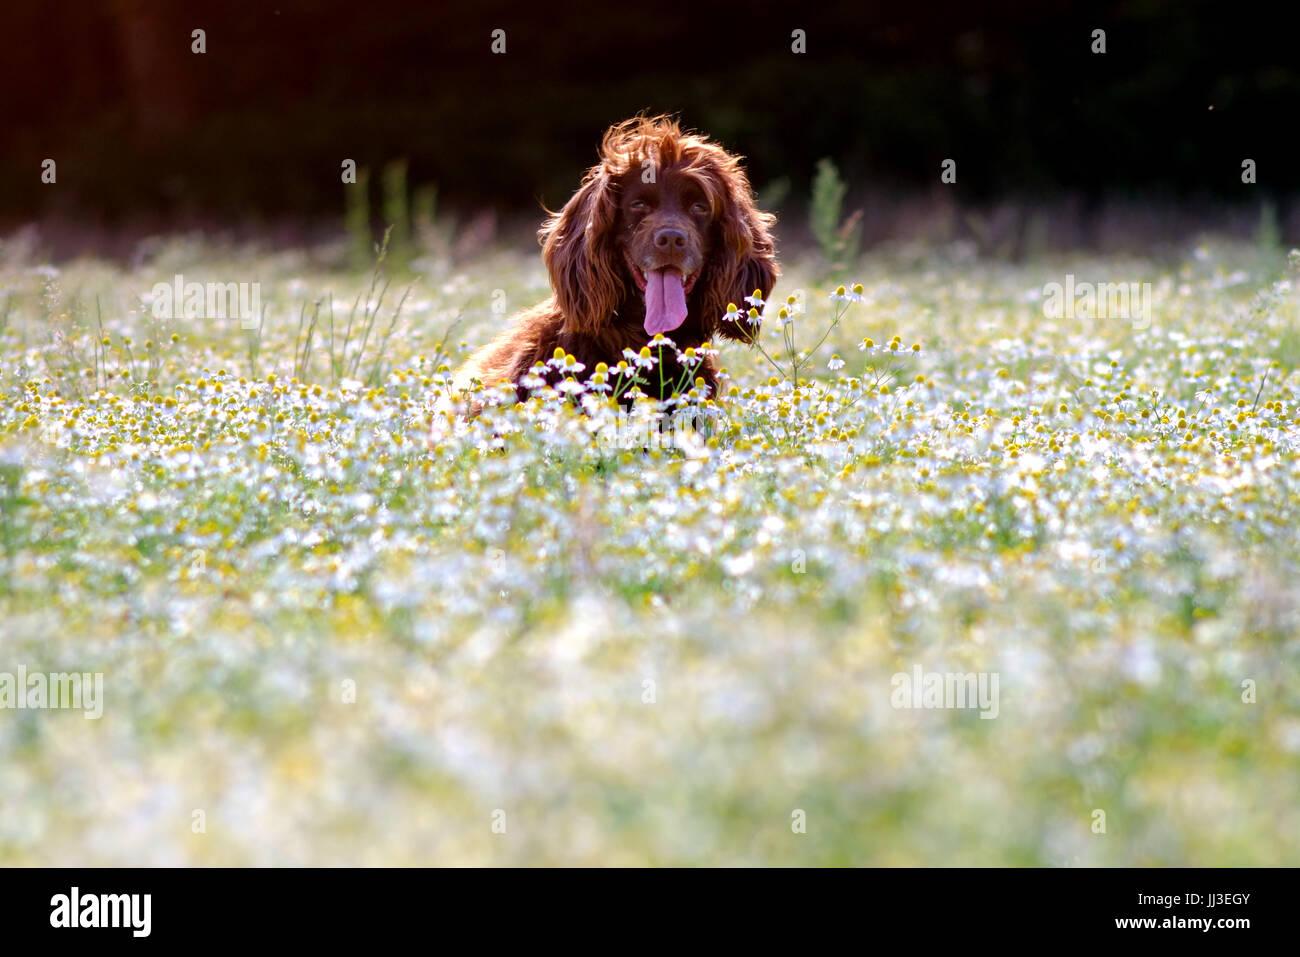 Maduras, East Sussex. El 18 de julio de 2017. Fudge, un Cocker Spaniel, disfrutando de una cálida para empezar Imagen De Stock